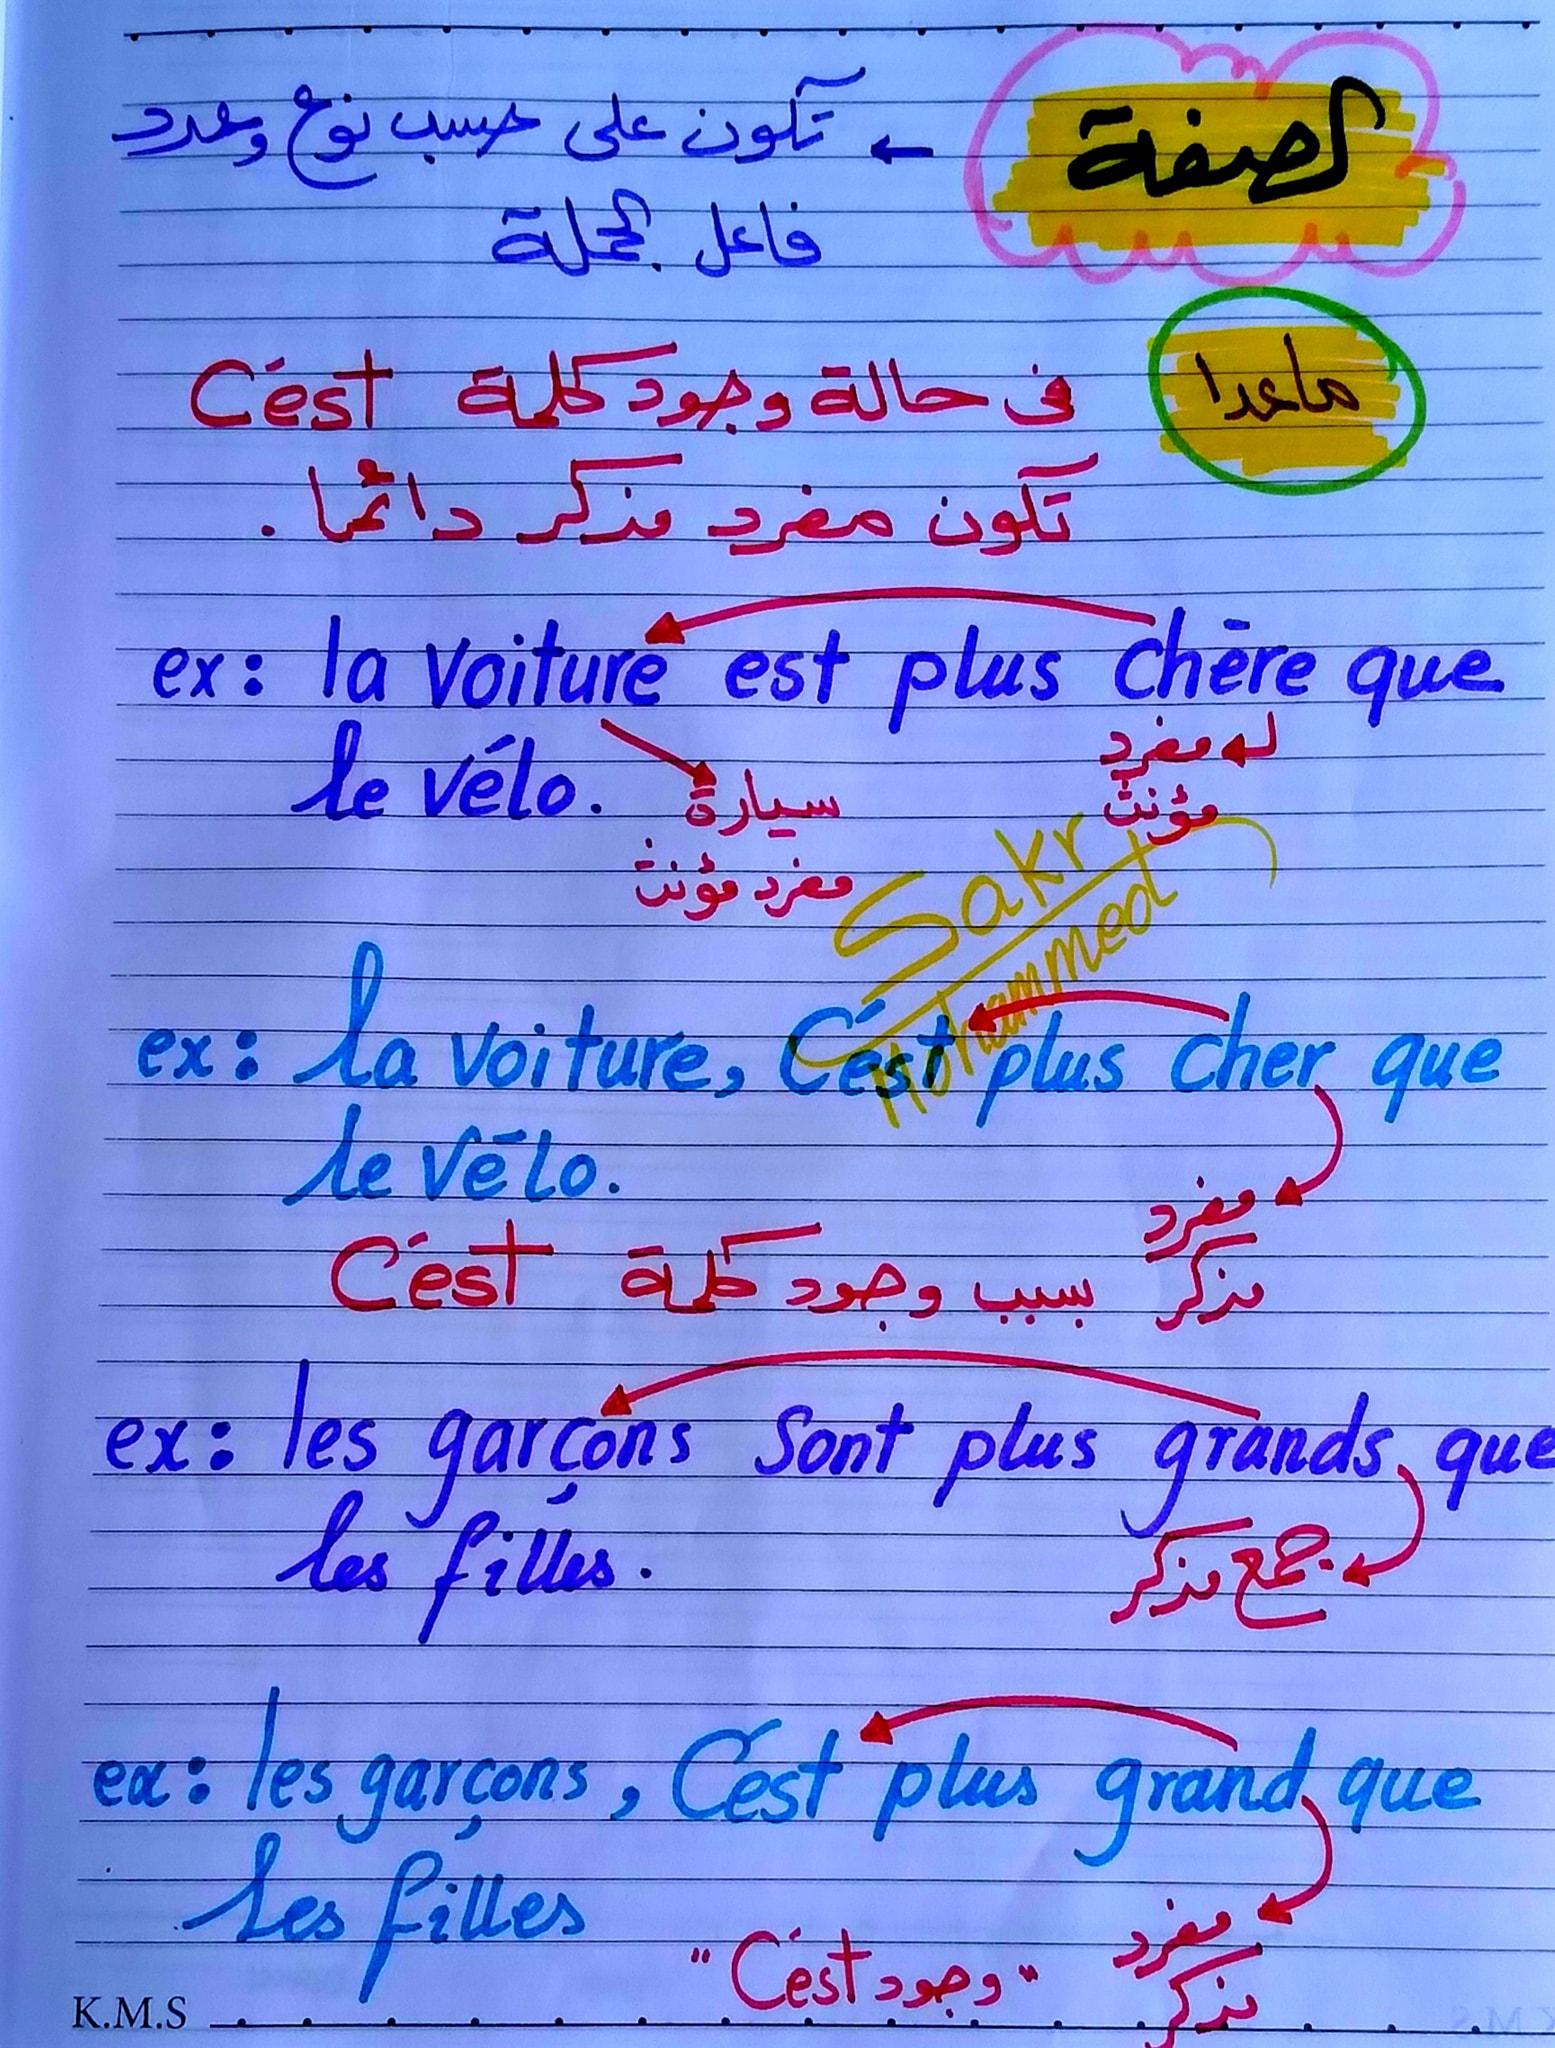 مراجعة لغة فرنسية للصف الثانى الثانوى ترم ثاني مسيو محمد رمضان 7